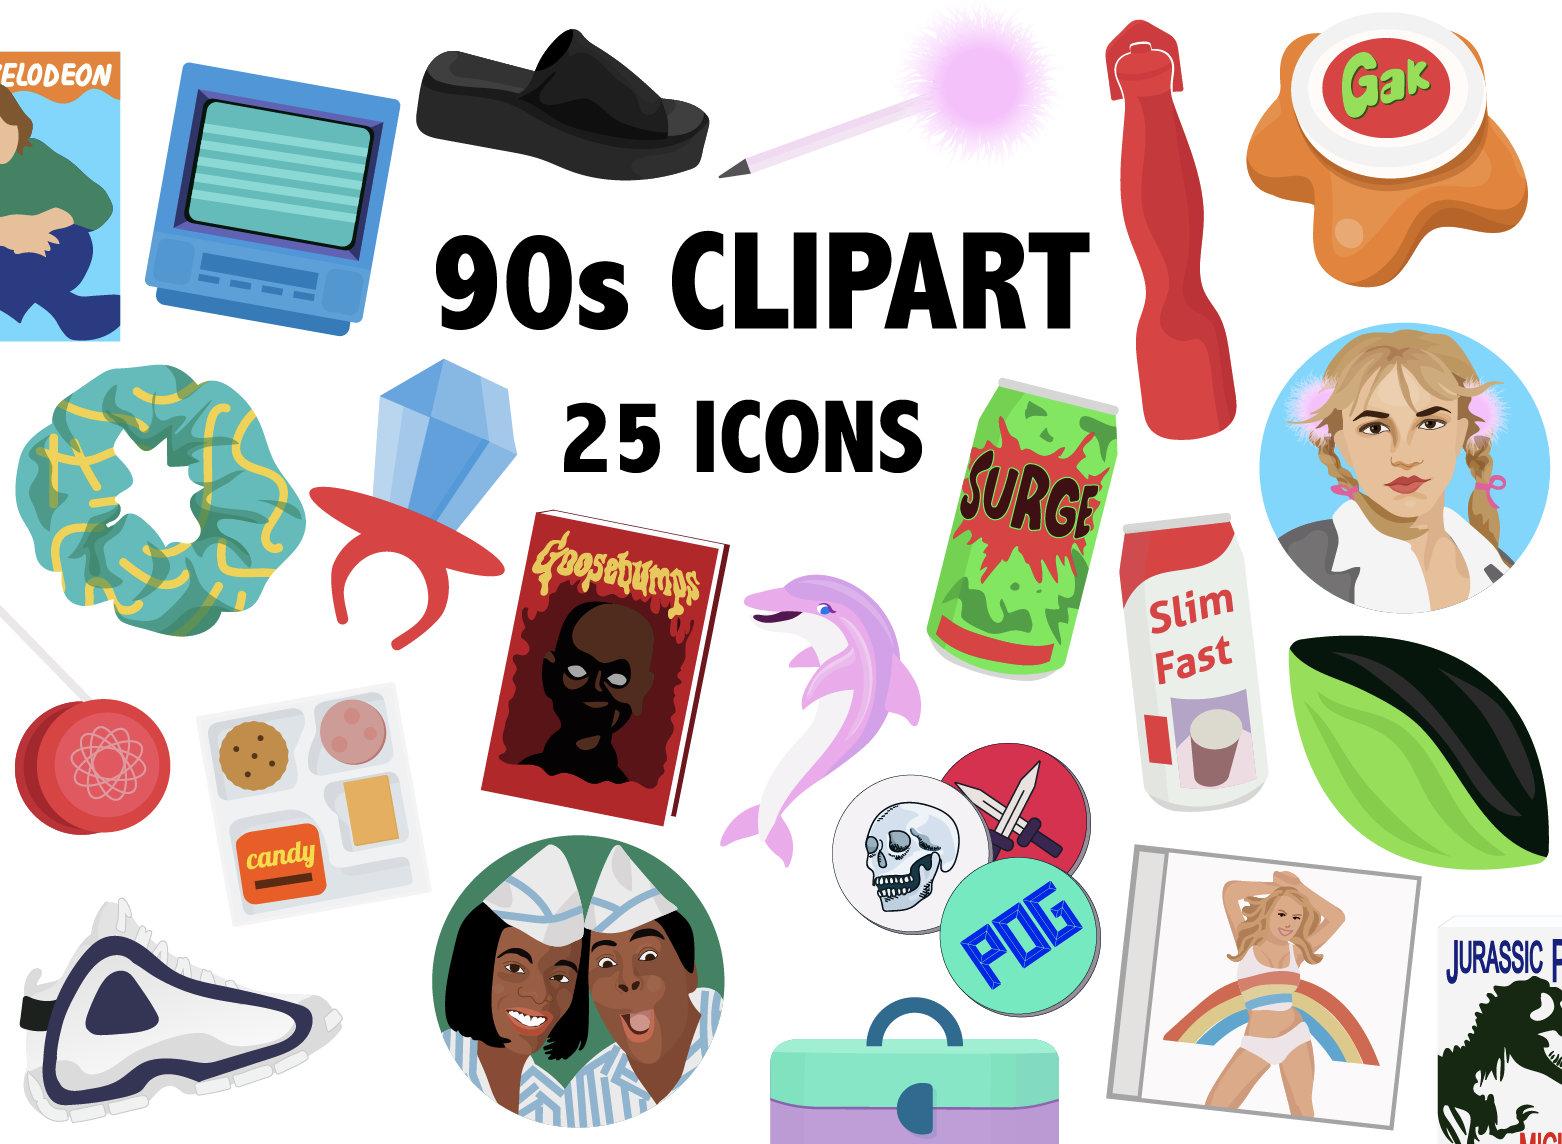 s era clip. 90s clipart